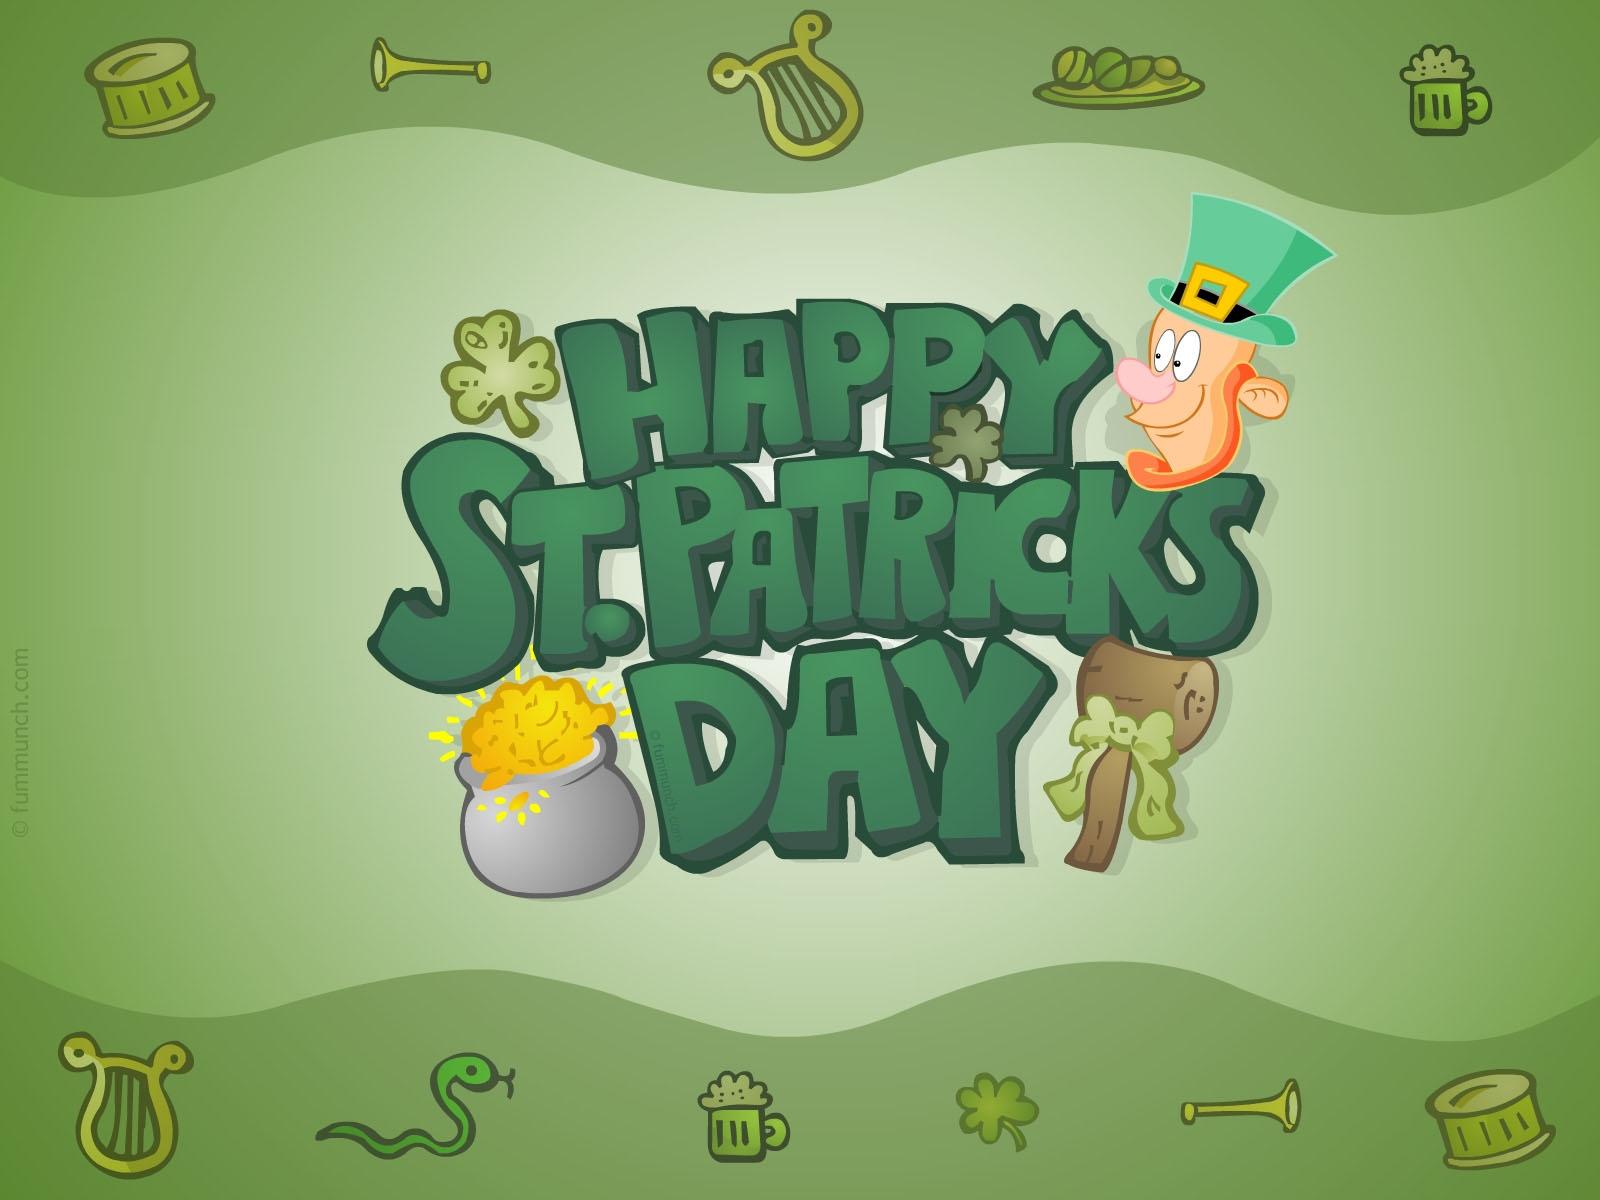 Holidays St Patrick s Day Celebrating St Patrick s Day 015346 jpg 1600x1200